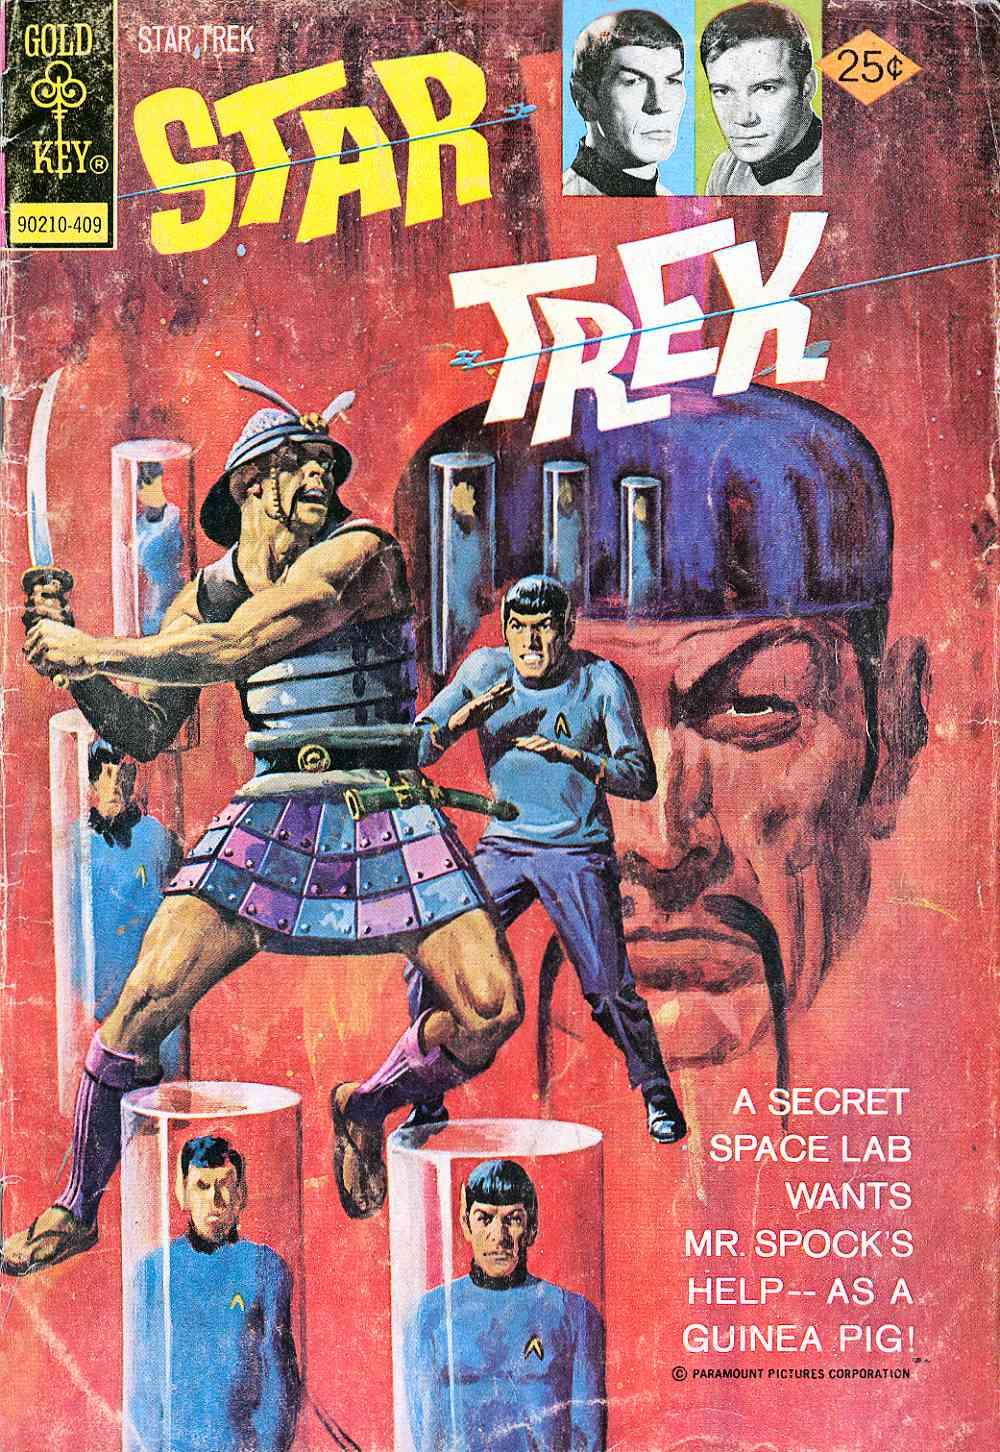 Star Trek (1967) issue 26 - Page 1